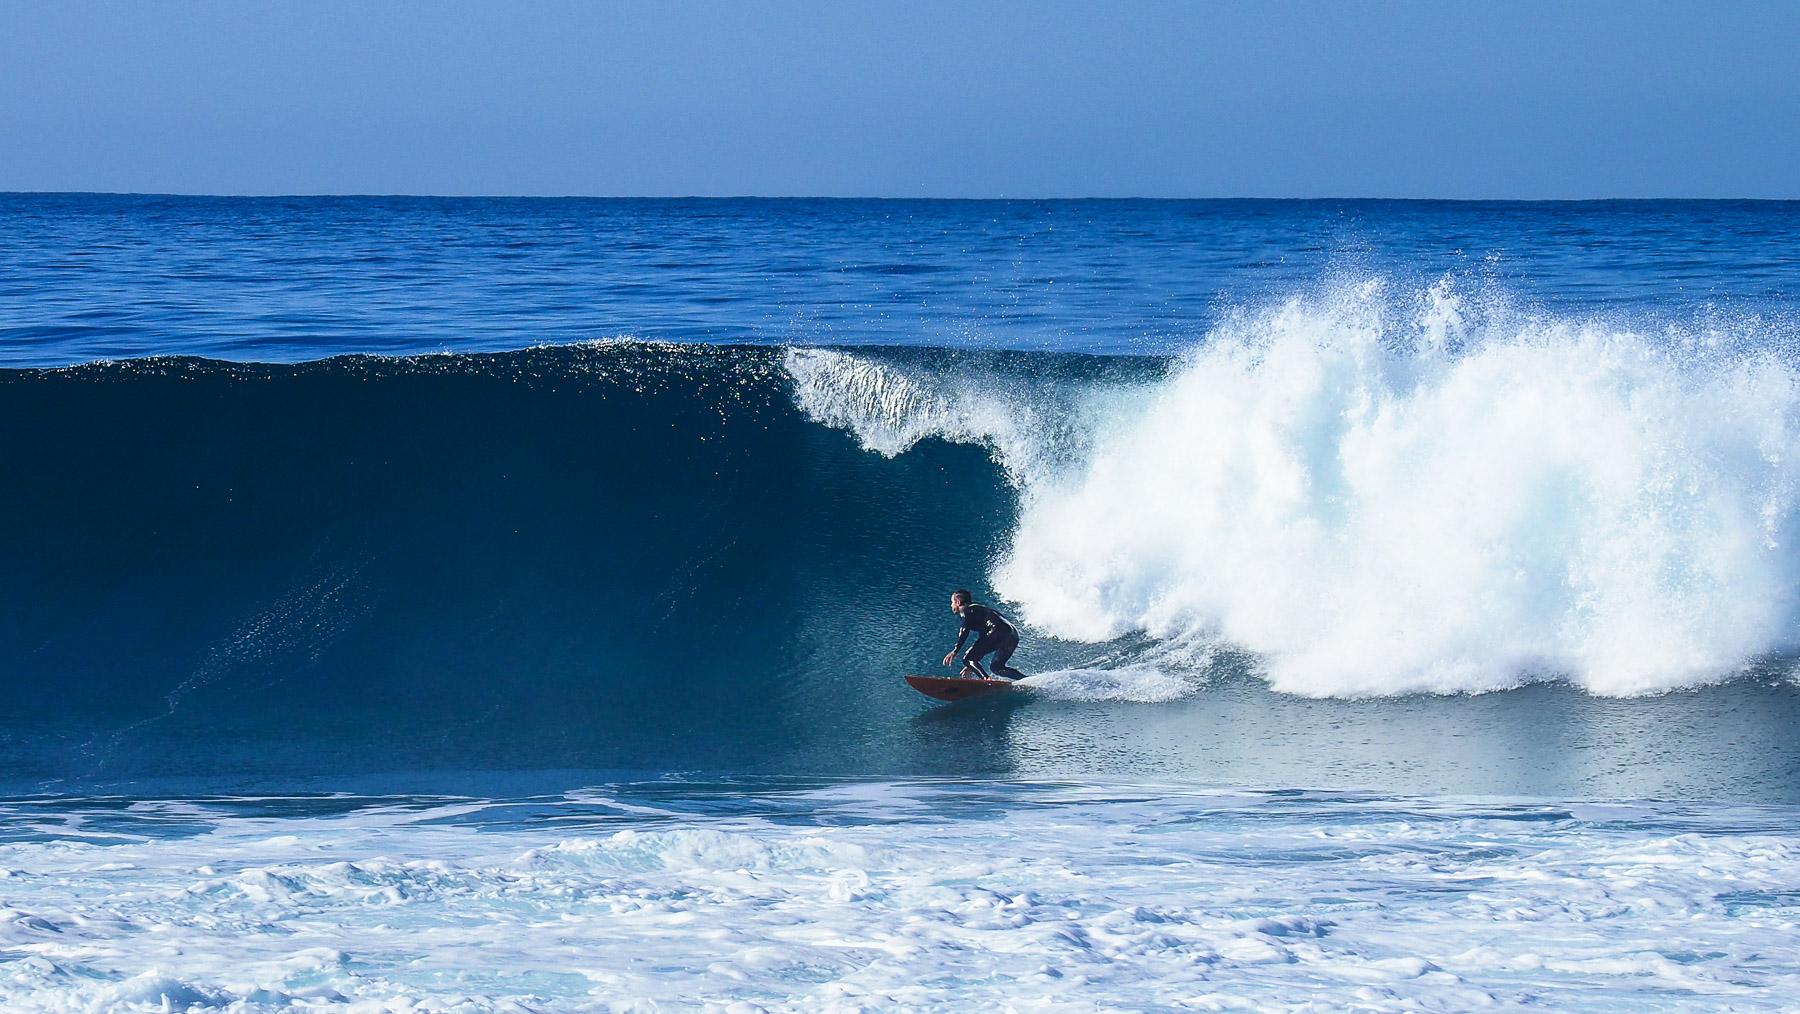 Sehr gute Surfer sind hier unterwegs